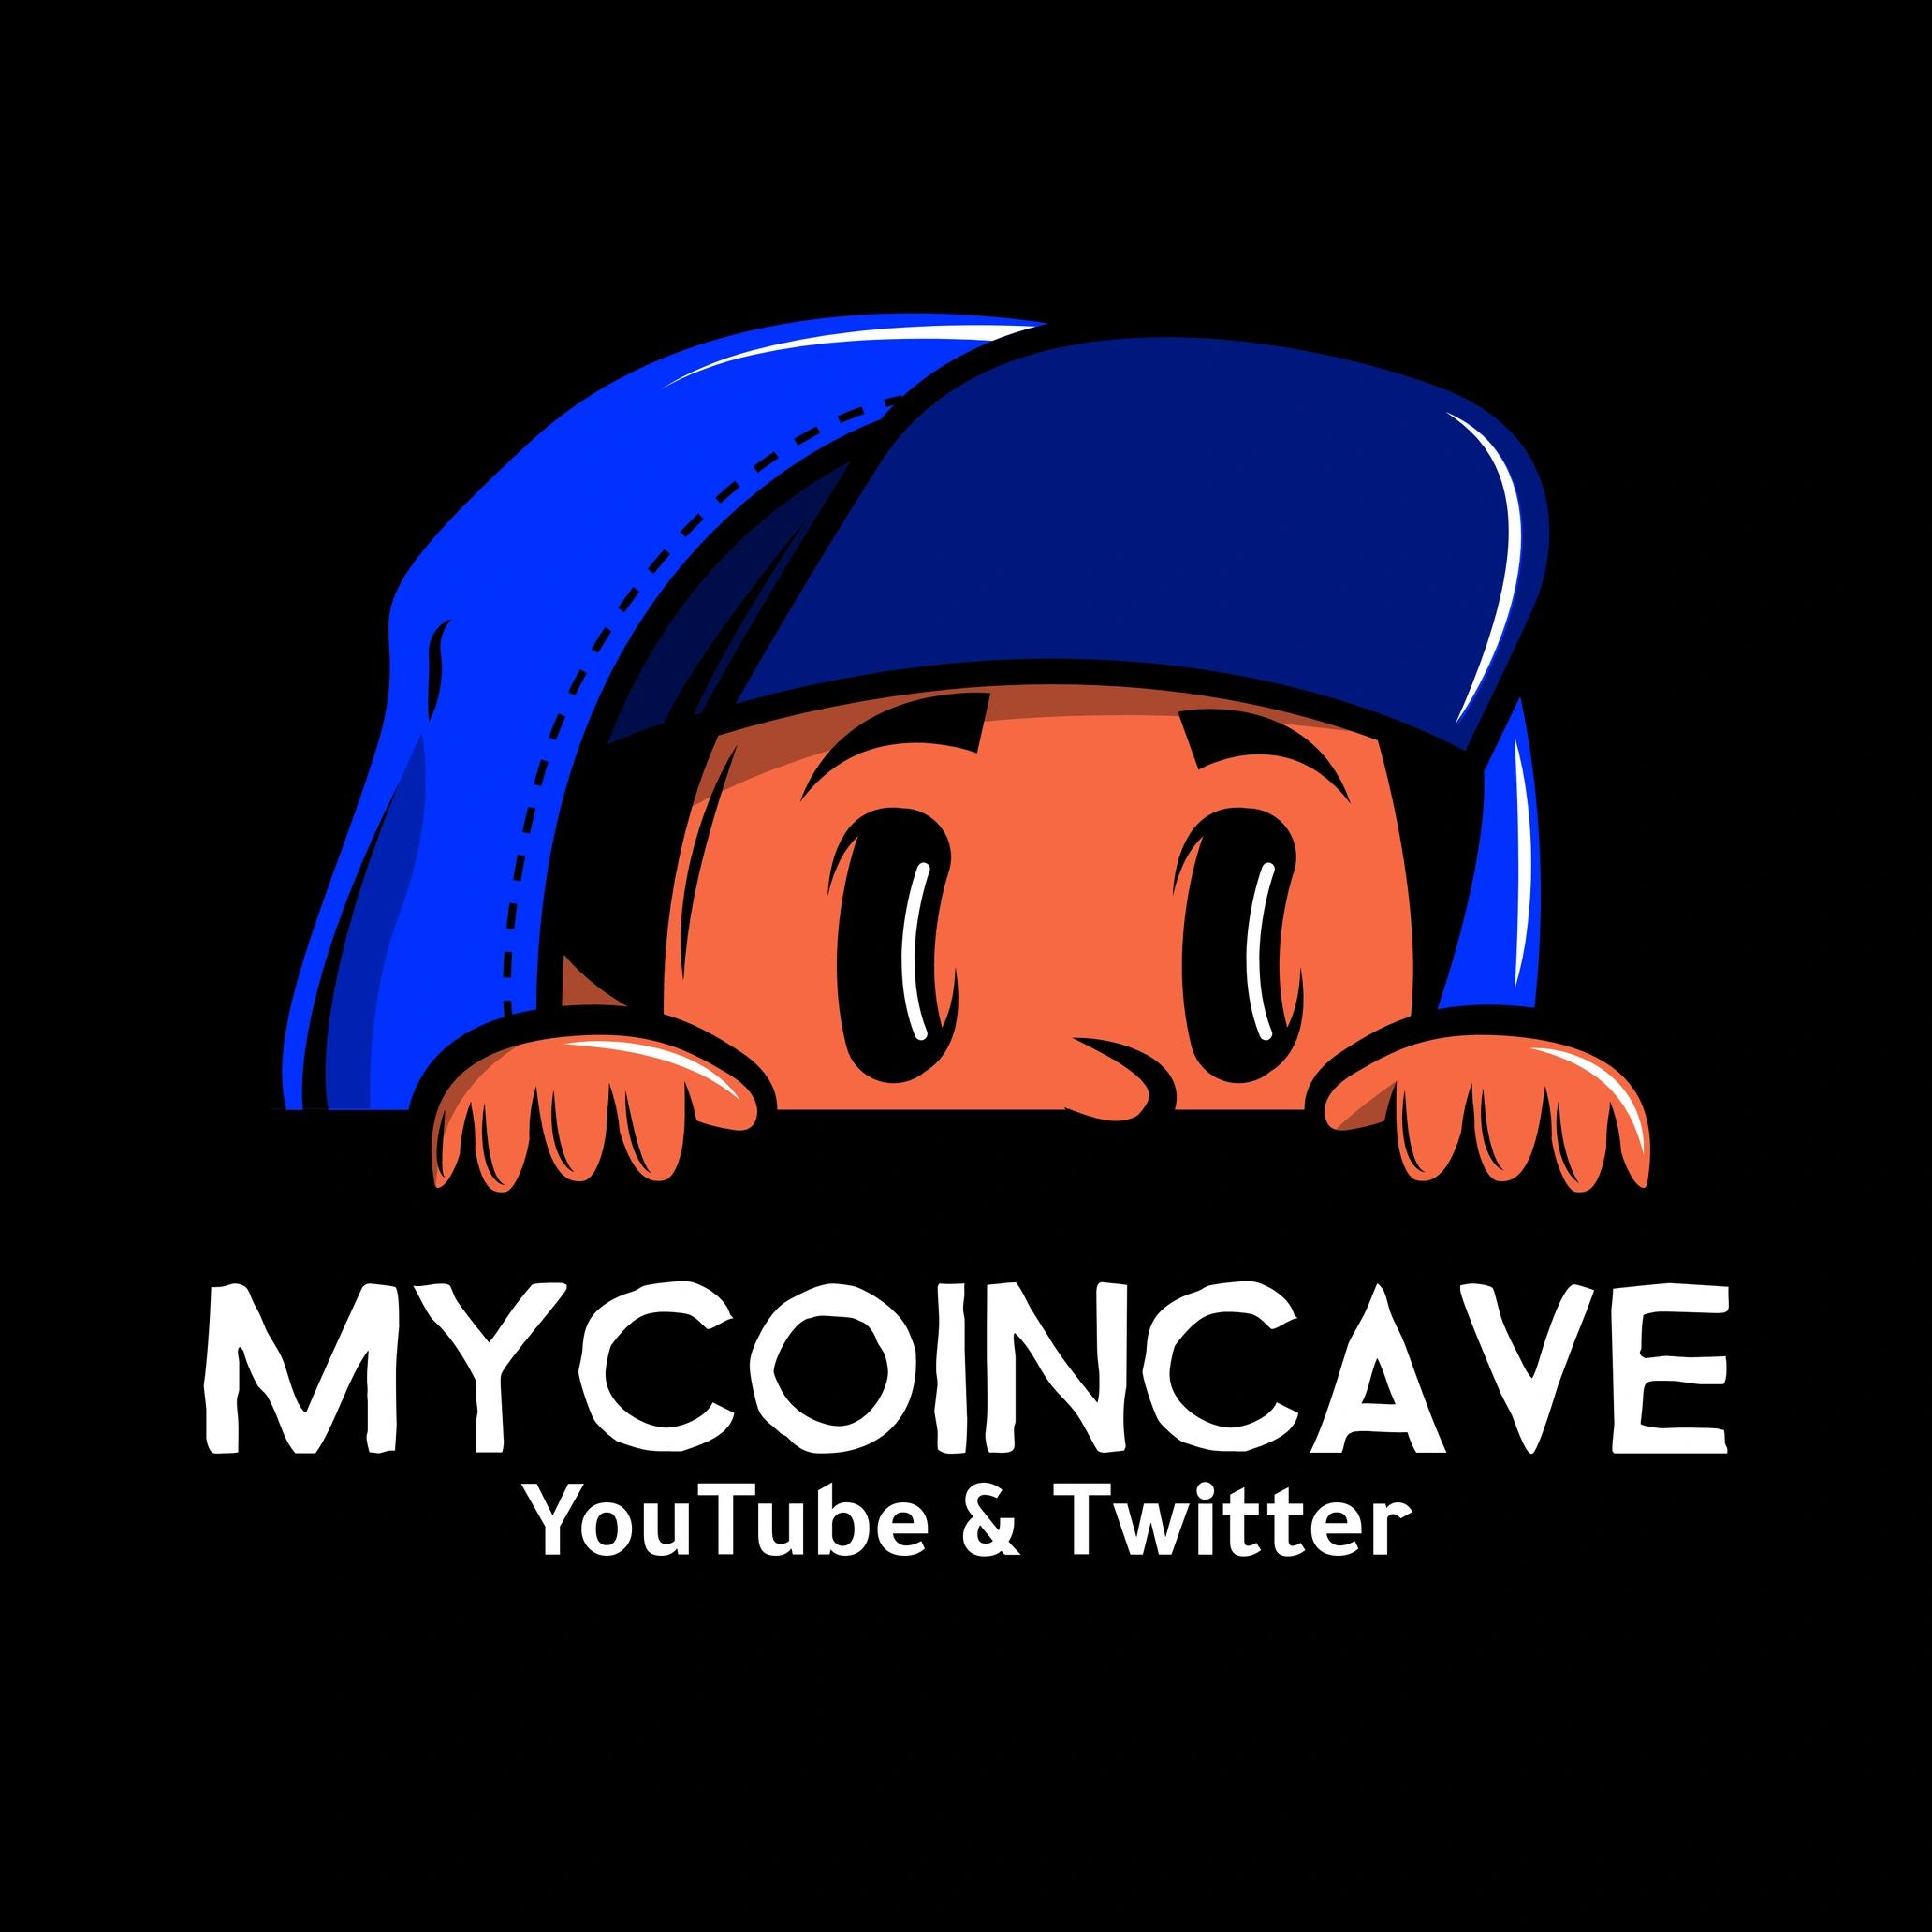 MyCoinCave.